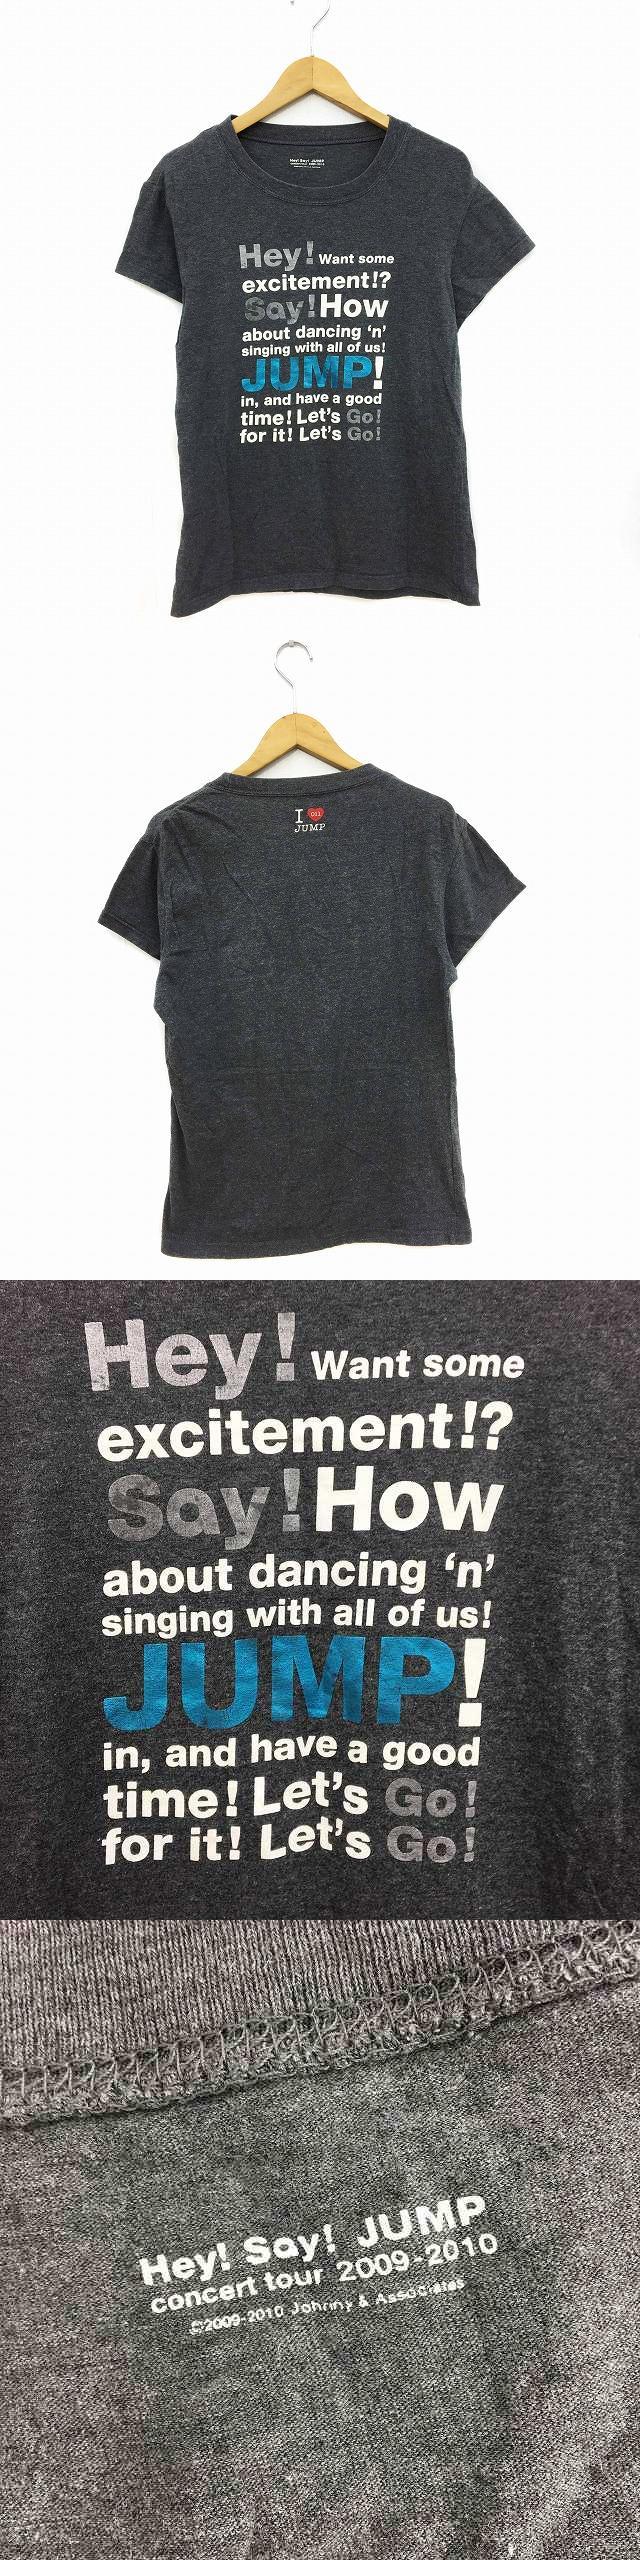 ヘイセイジャンプ Hey! Say! JUMP Tシャツ 半袖 09-10 ツアー グレー KO